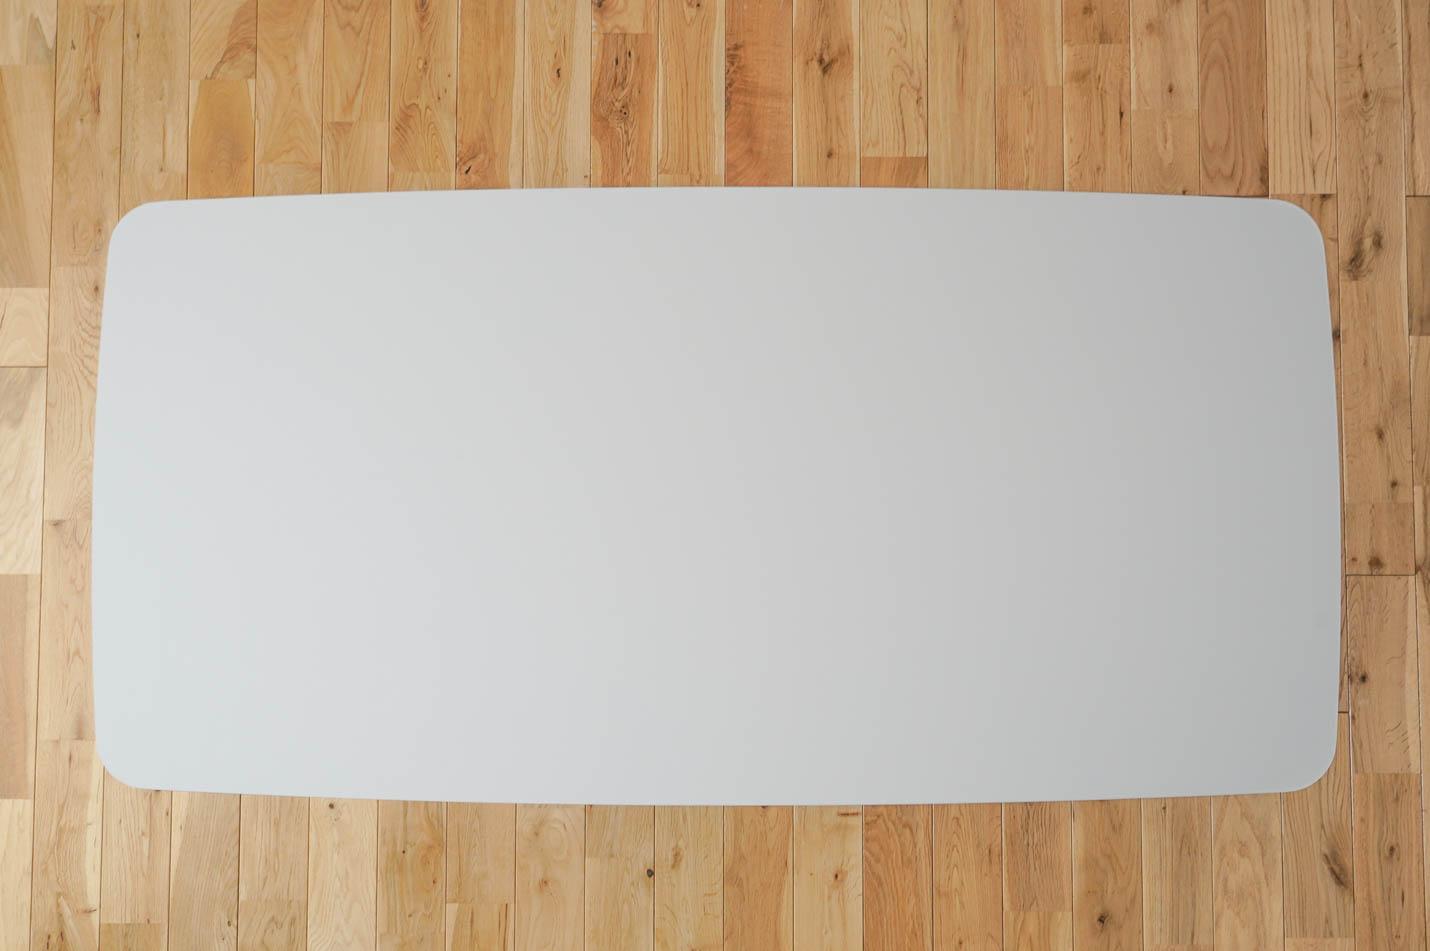 カリモク60+ カフェテーブル1200 天板